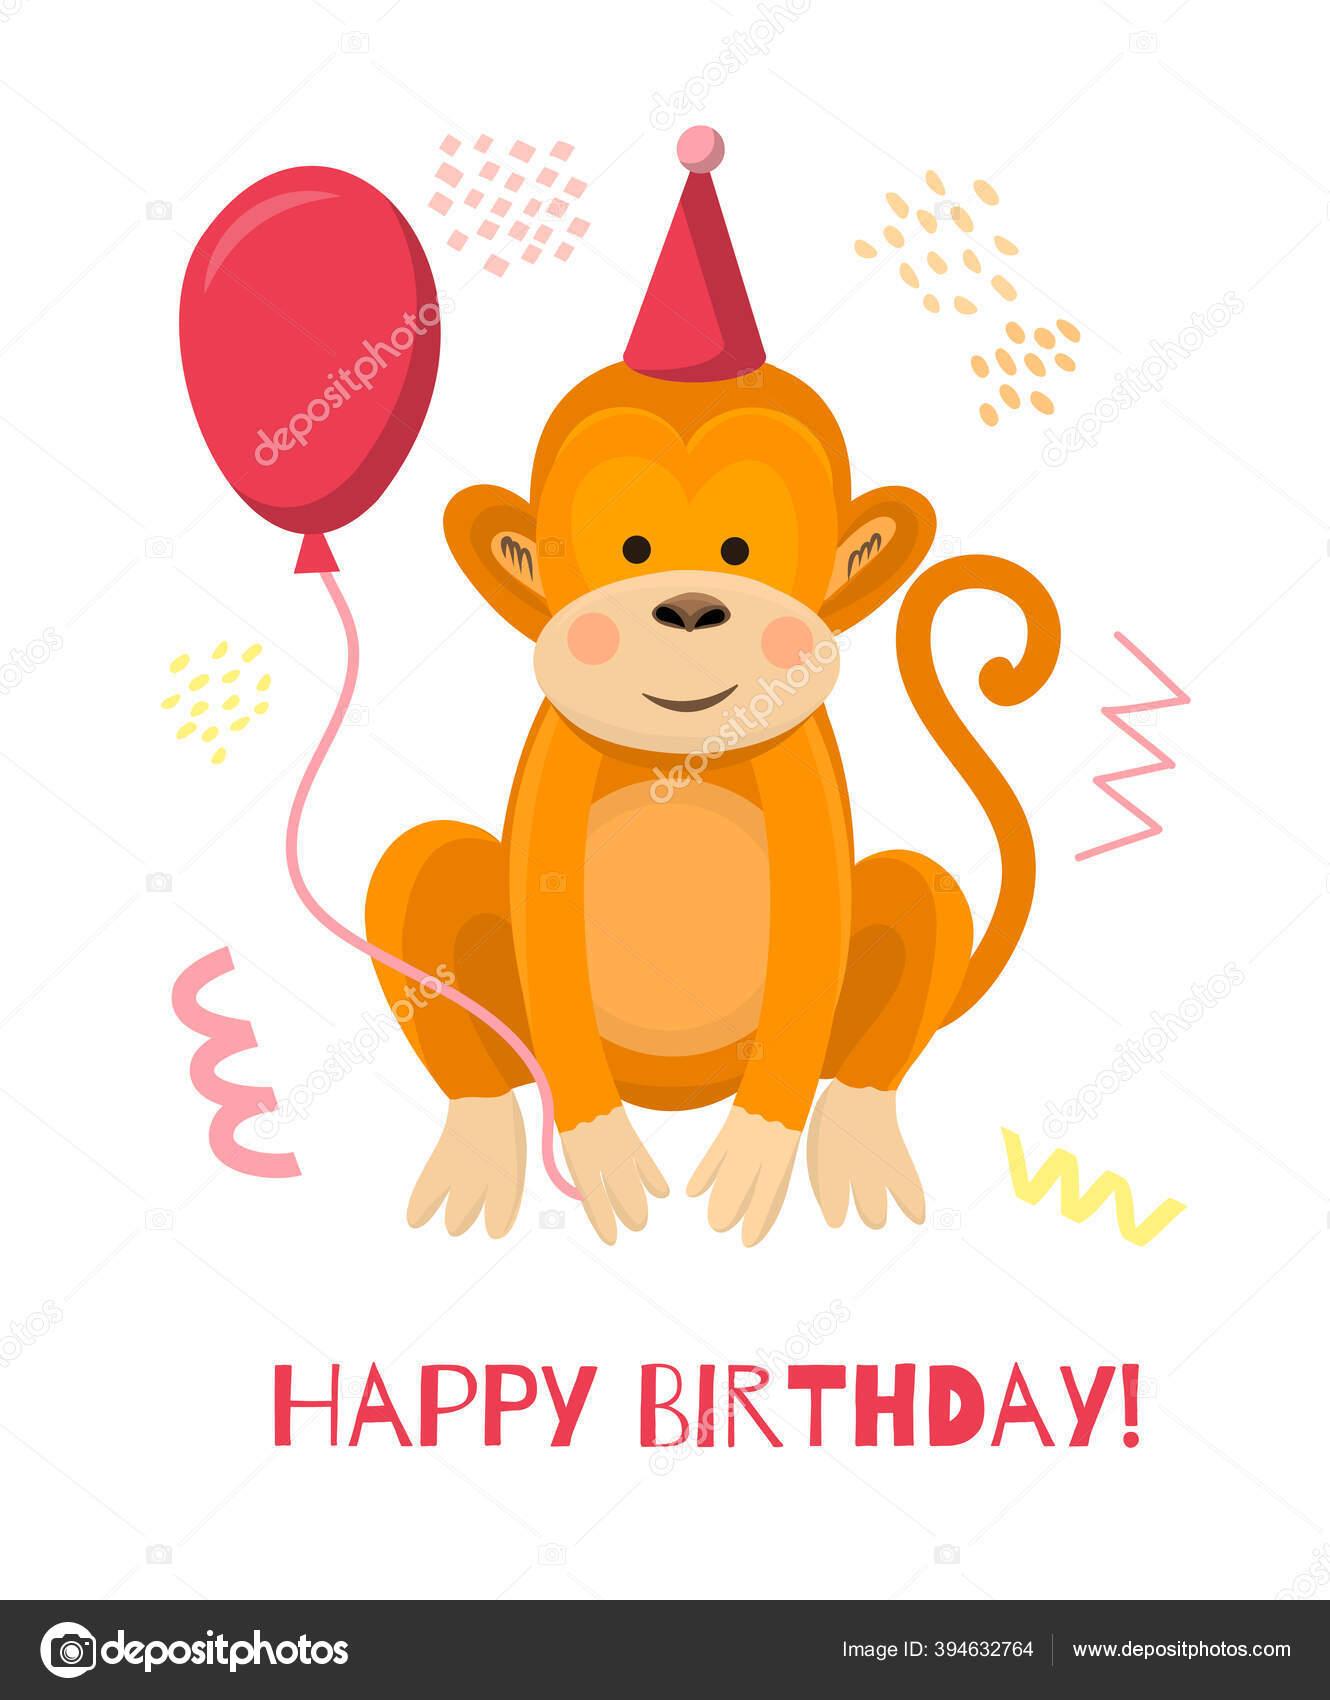 Monyet Kartun Yang Lucu Mengenakan Topi Merah Muda Dengan Balon Merah Muda Kartu Ucapan Vektor Dan